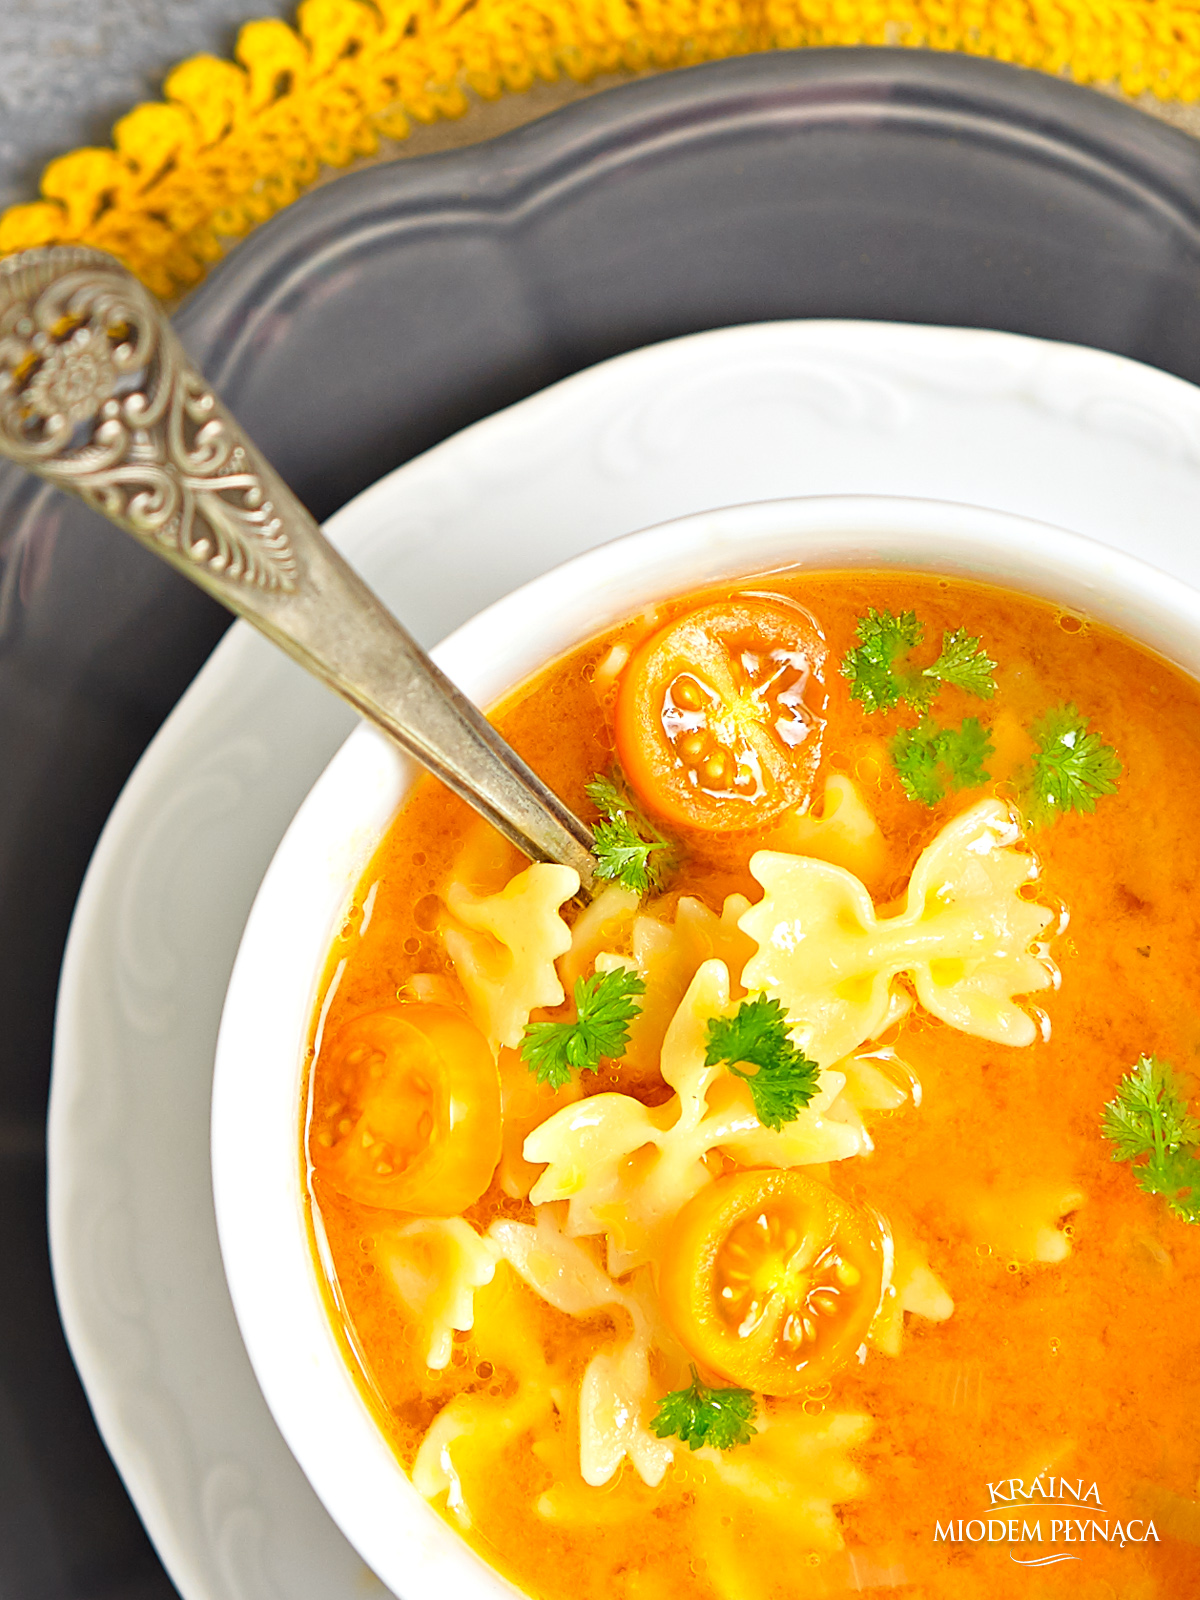 Zupa z soczewicą, zupa ze świeżymi pomidorami,zupa z imbirem, pomidorowa z soczewicą, pomidorowa z makaronem, zupa z soczewicy, zupa z pomidorów, zupa ze strączkami, kraina miodem płynąca